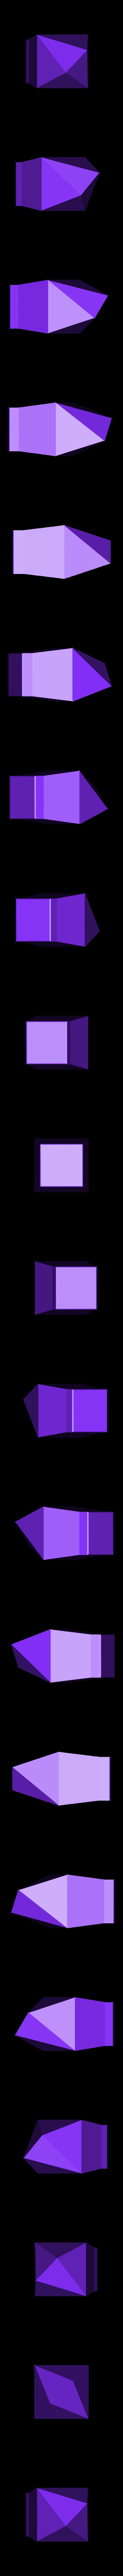 TipA.STL Télécharger fichier STL gratuit La baguette de Marco • Plan pour imprimante 3D, Vexelius